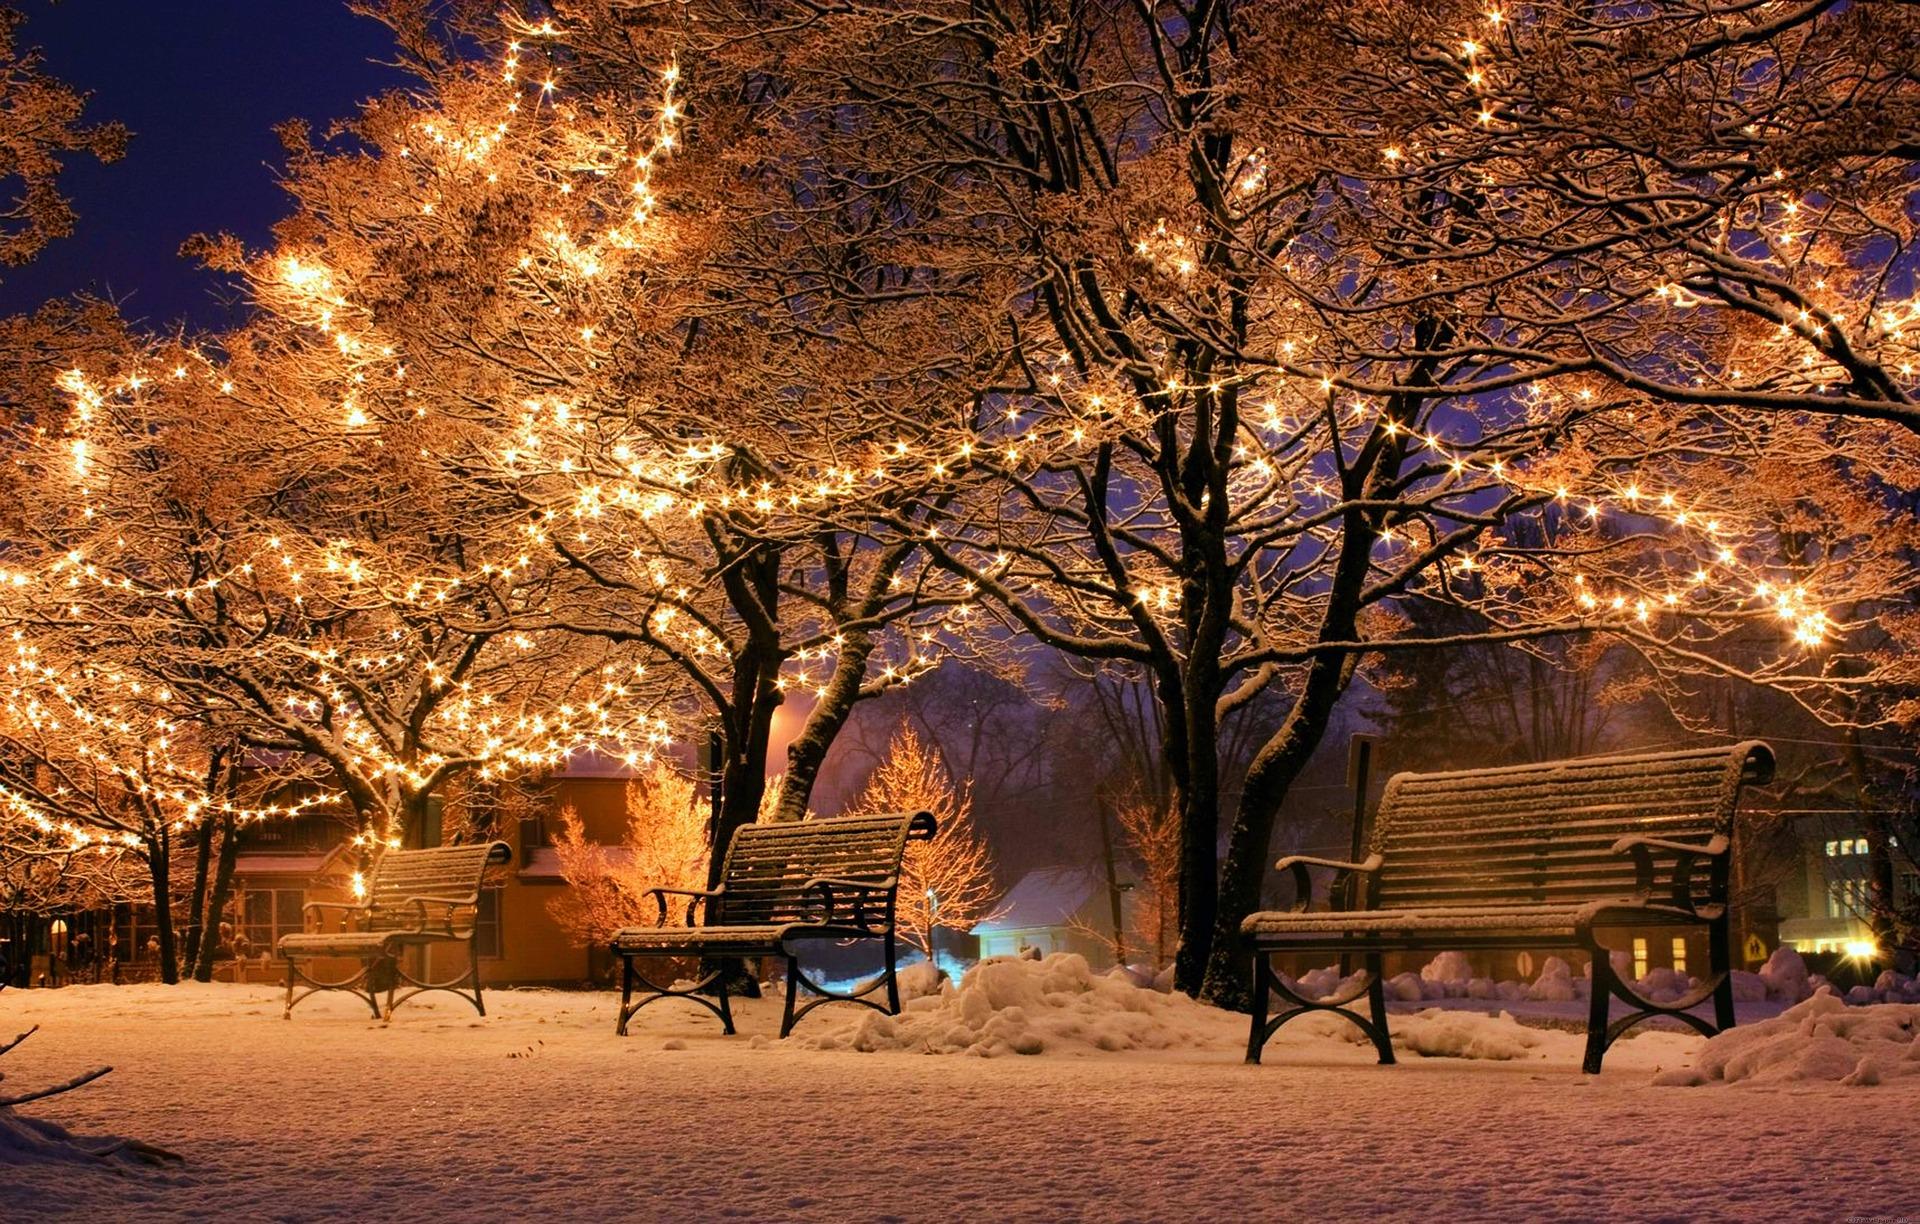 Full Size of Weihnachtsbeleuchtung Fenster Innen Stern Befestigen Hornbach Ohne Kabel Mit Led Silhouette Amazon Batteriebetrieben Batterie Nachhaltige Nacht Licht Fenster Weihnachtsbeleuchtung Fenster